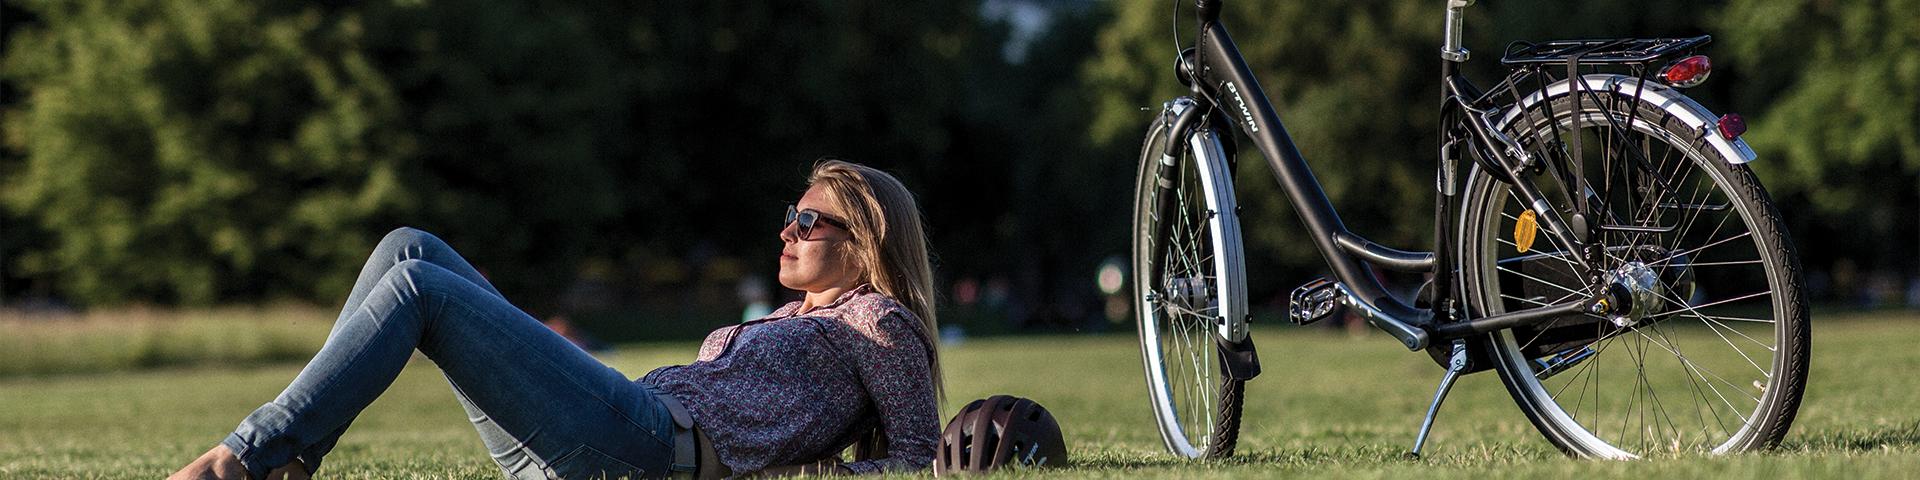 parkta-bisiklet